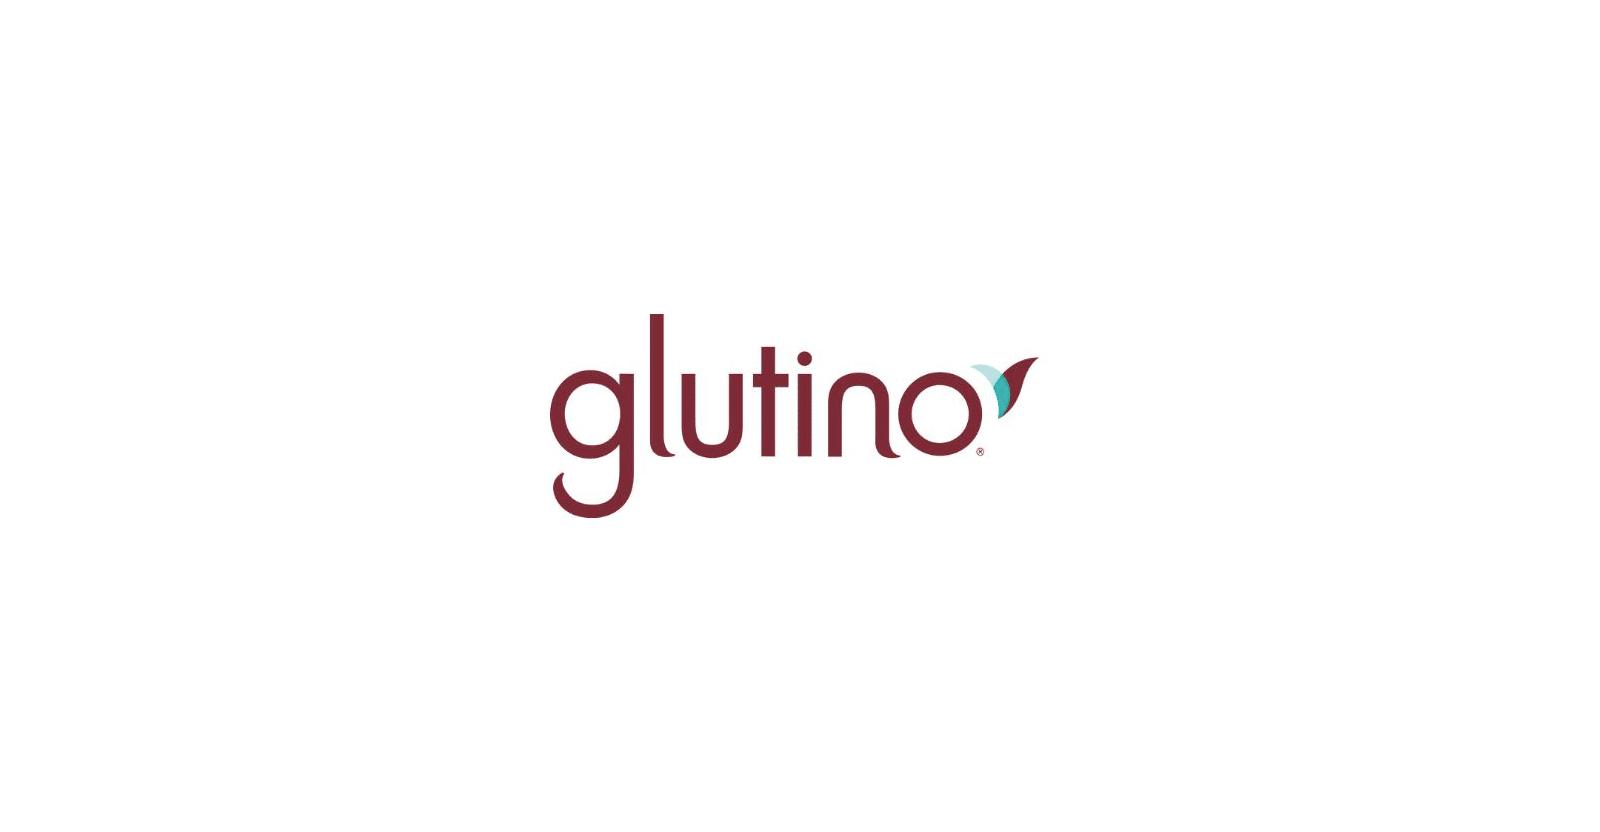 glutino gluten-free